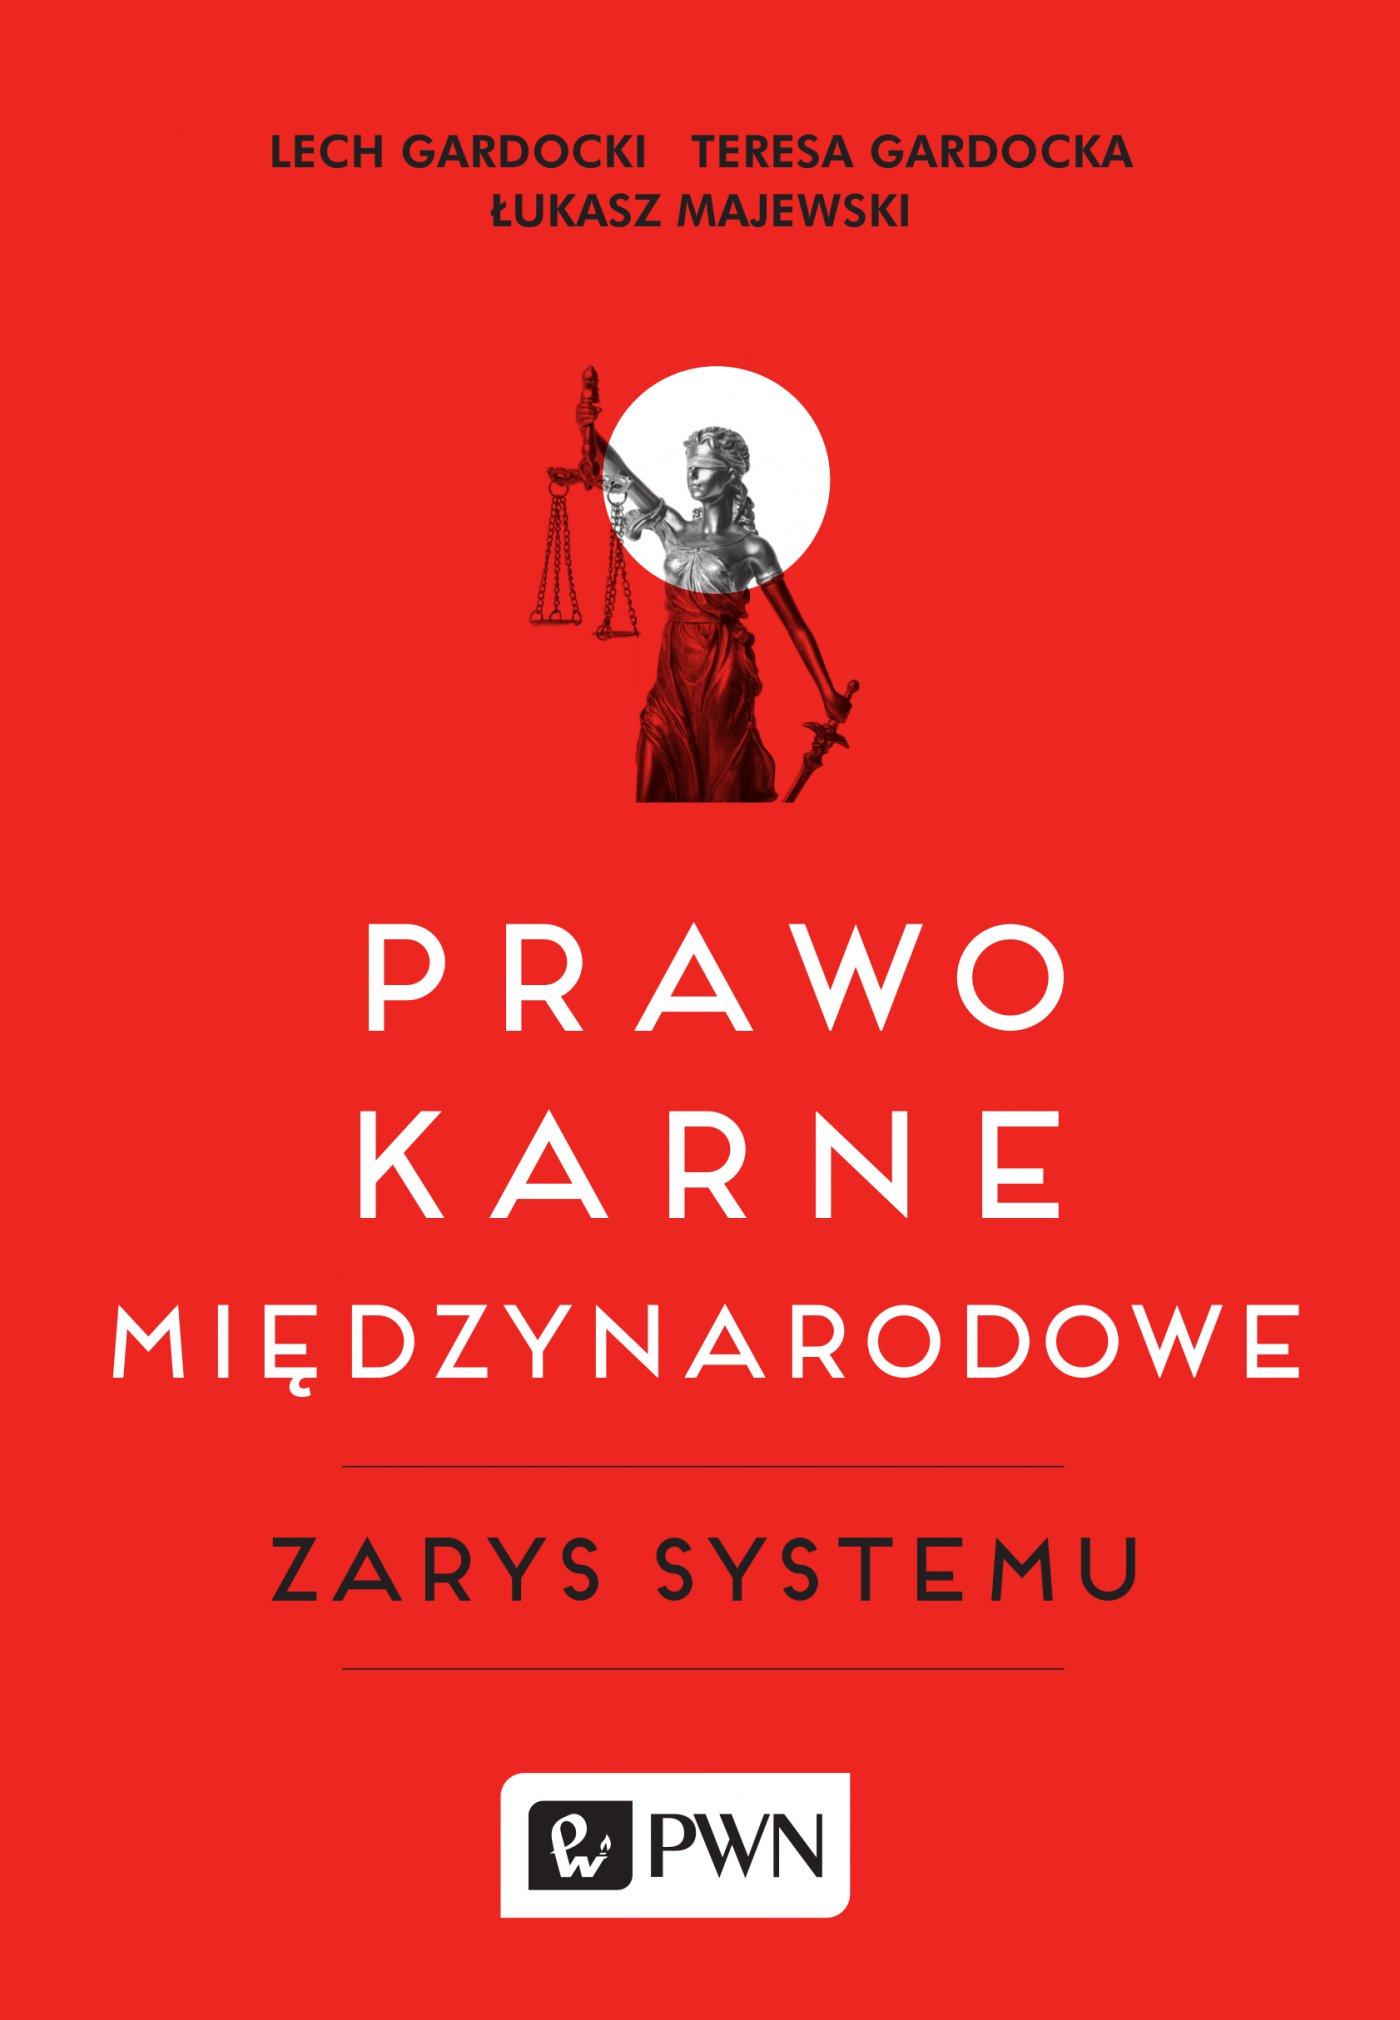 Prawo karne międzynarodowe zarys systemu - Ebook (Książka EPUB) do pobrania w formacie EPUB